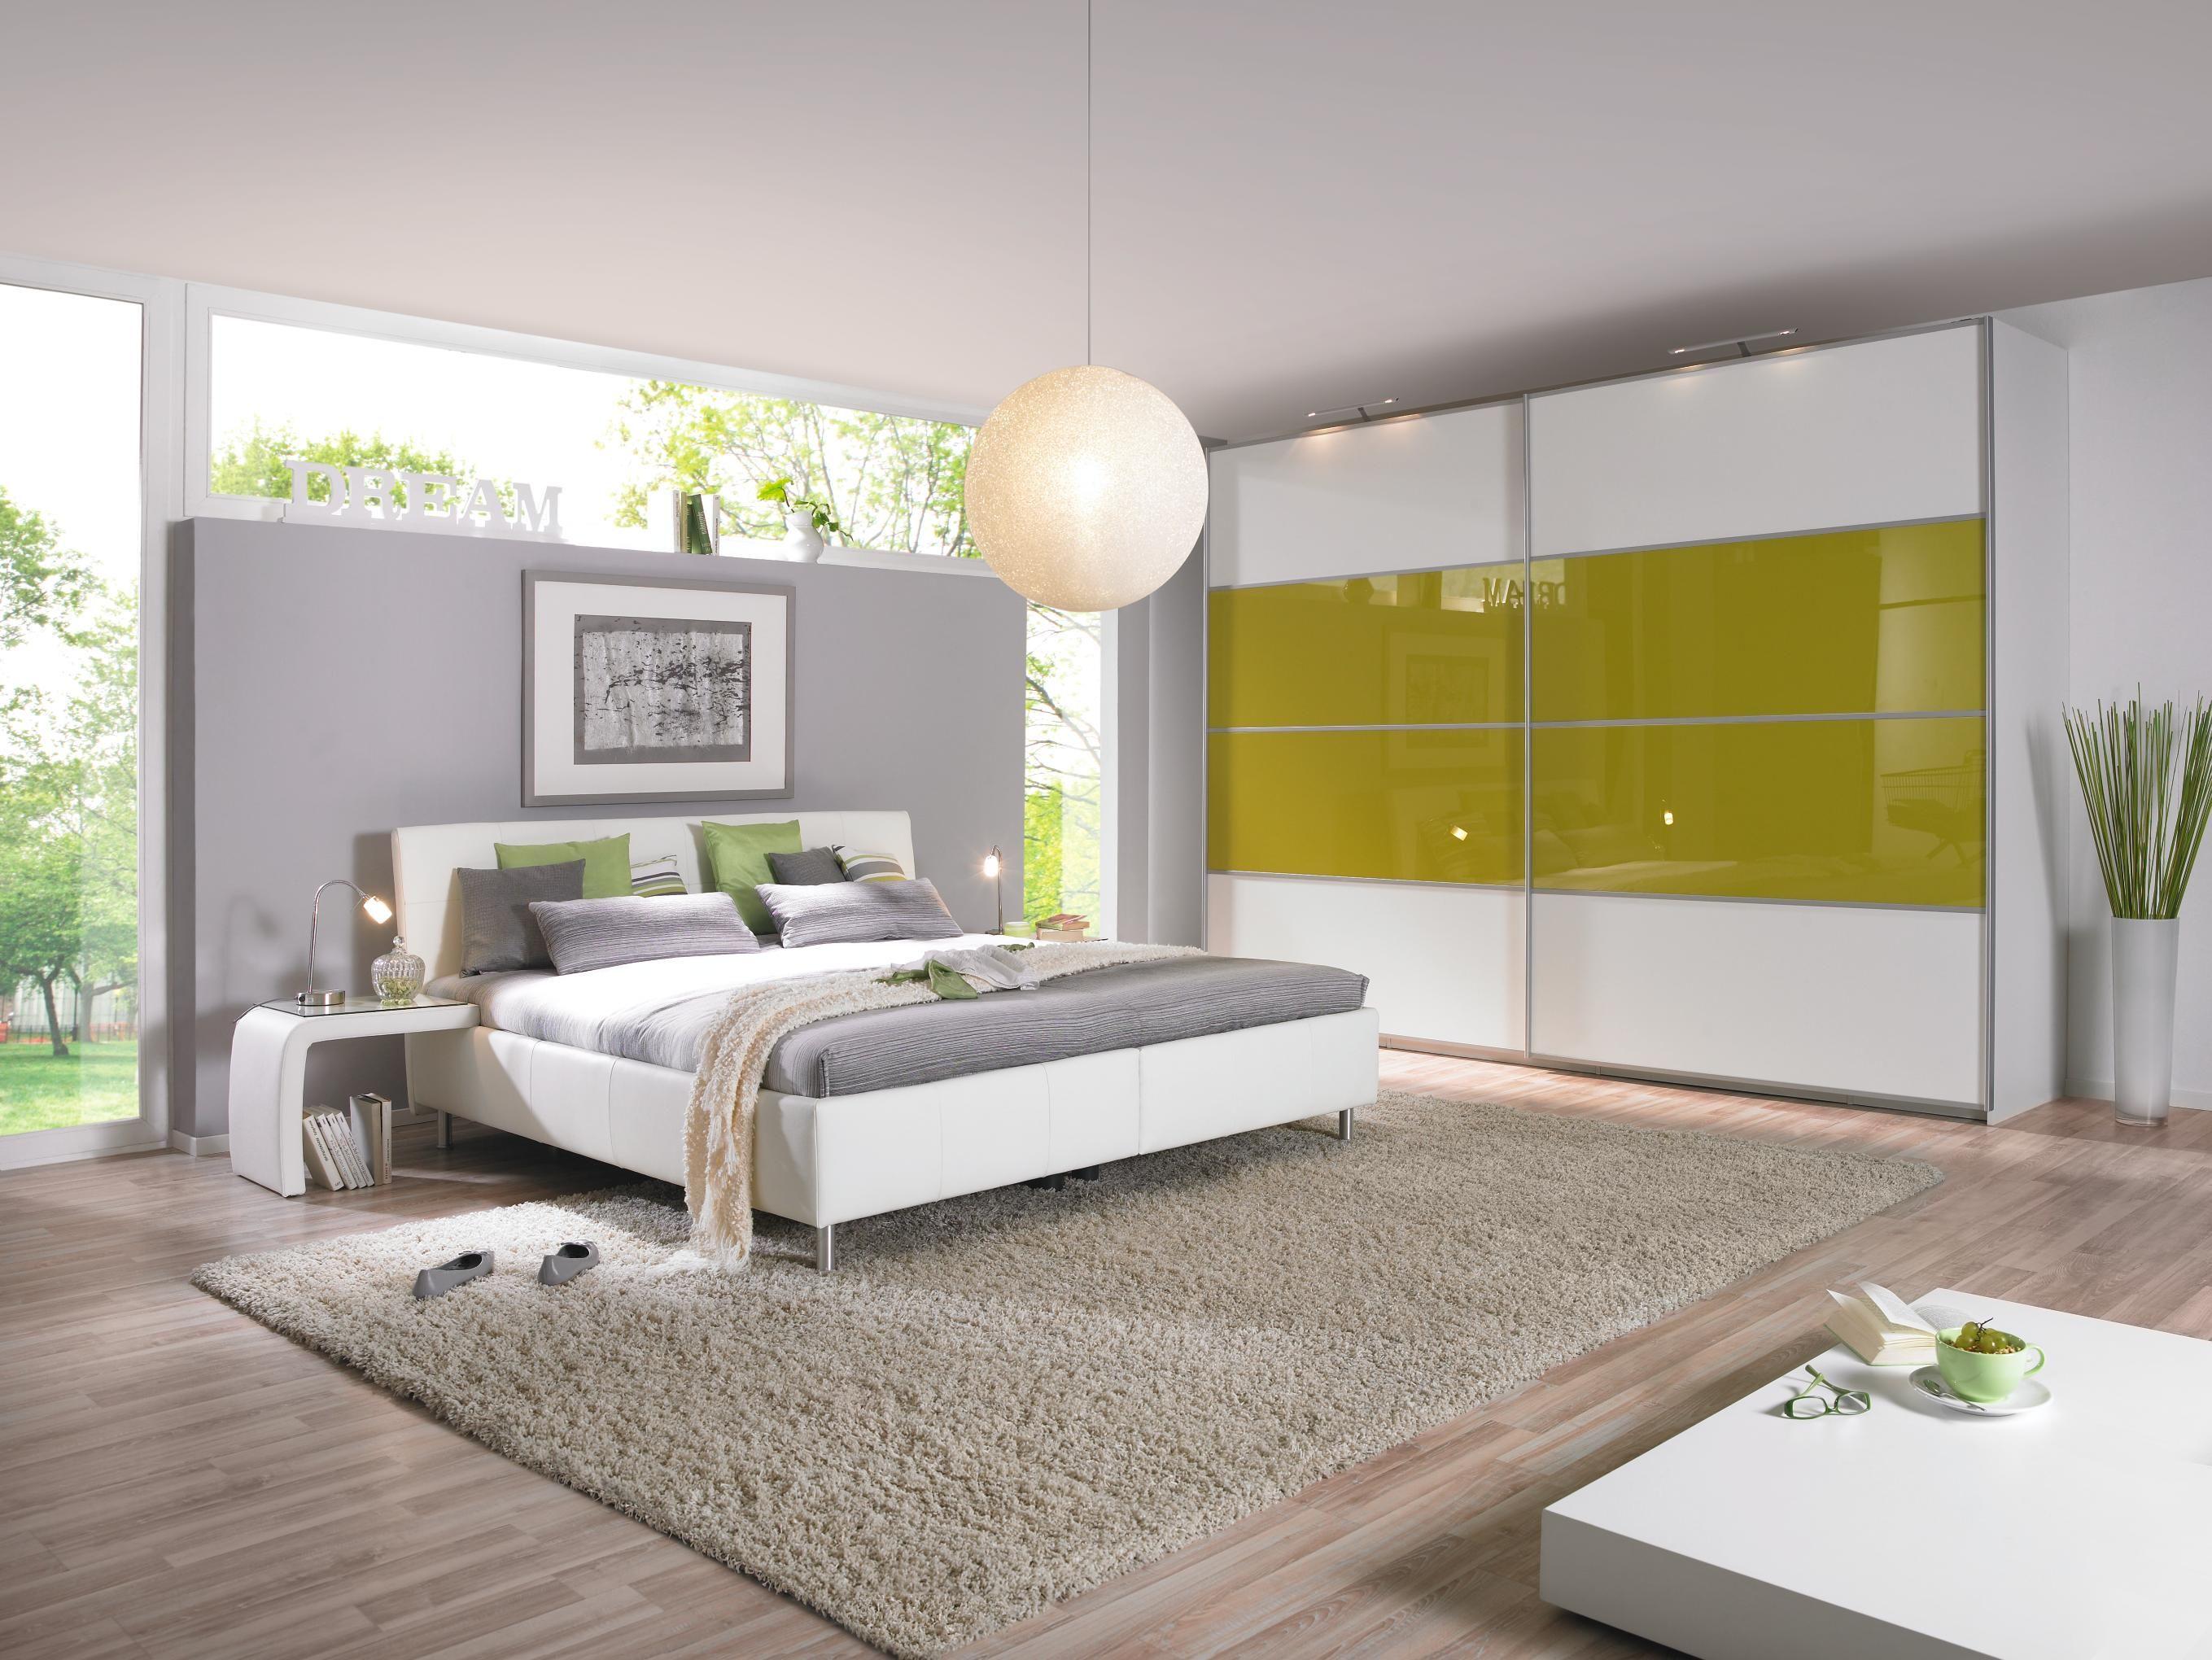 Xora Schlafzimmer ~ Weißes polsterbett von xora ein bett des himmels schlafzimmer